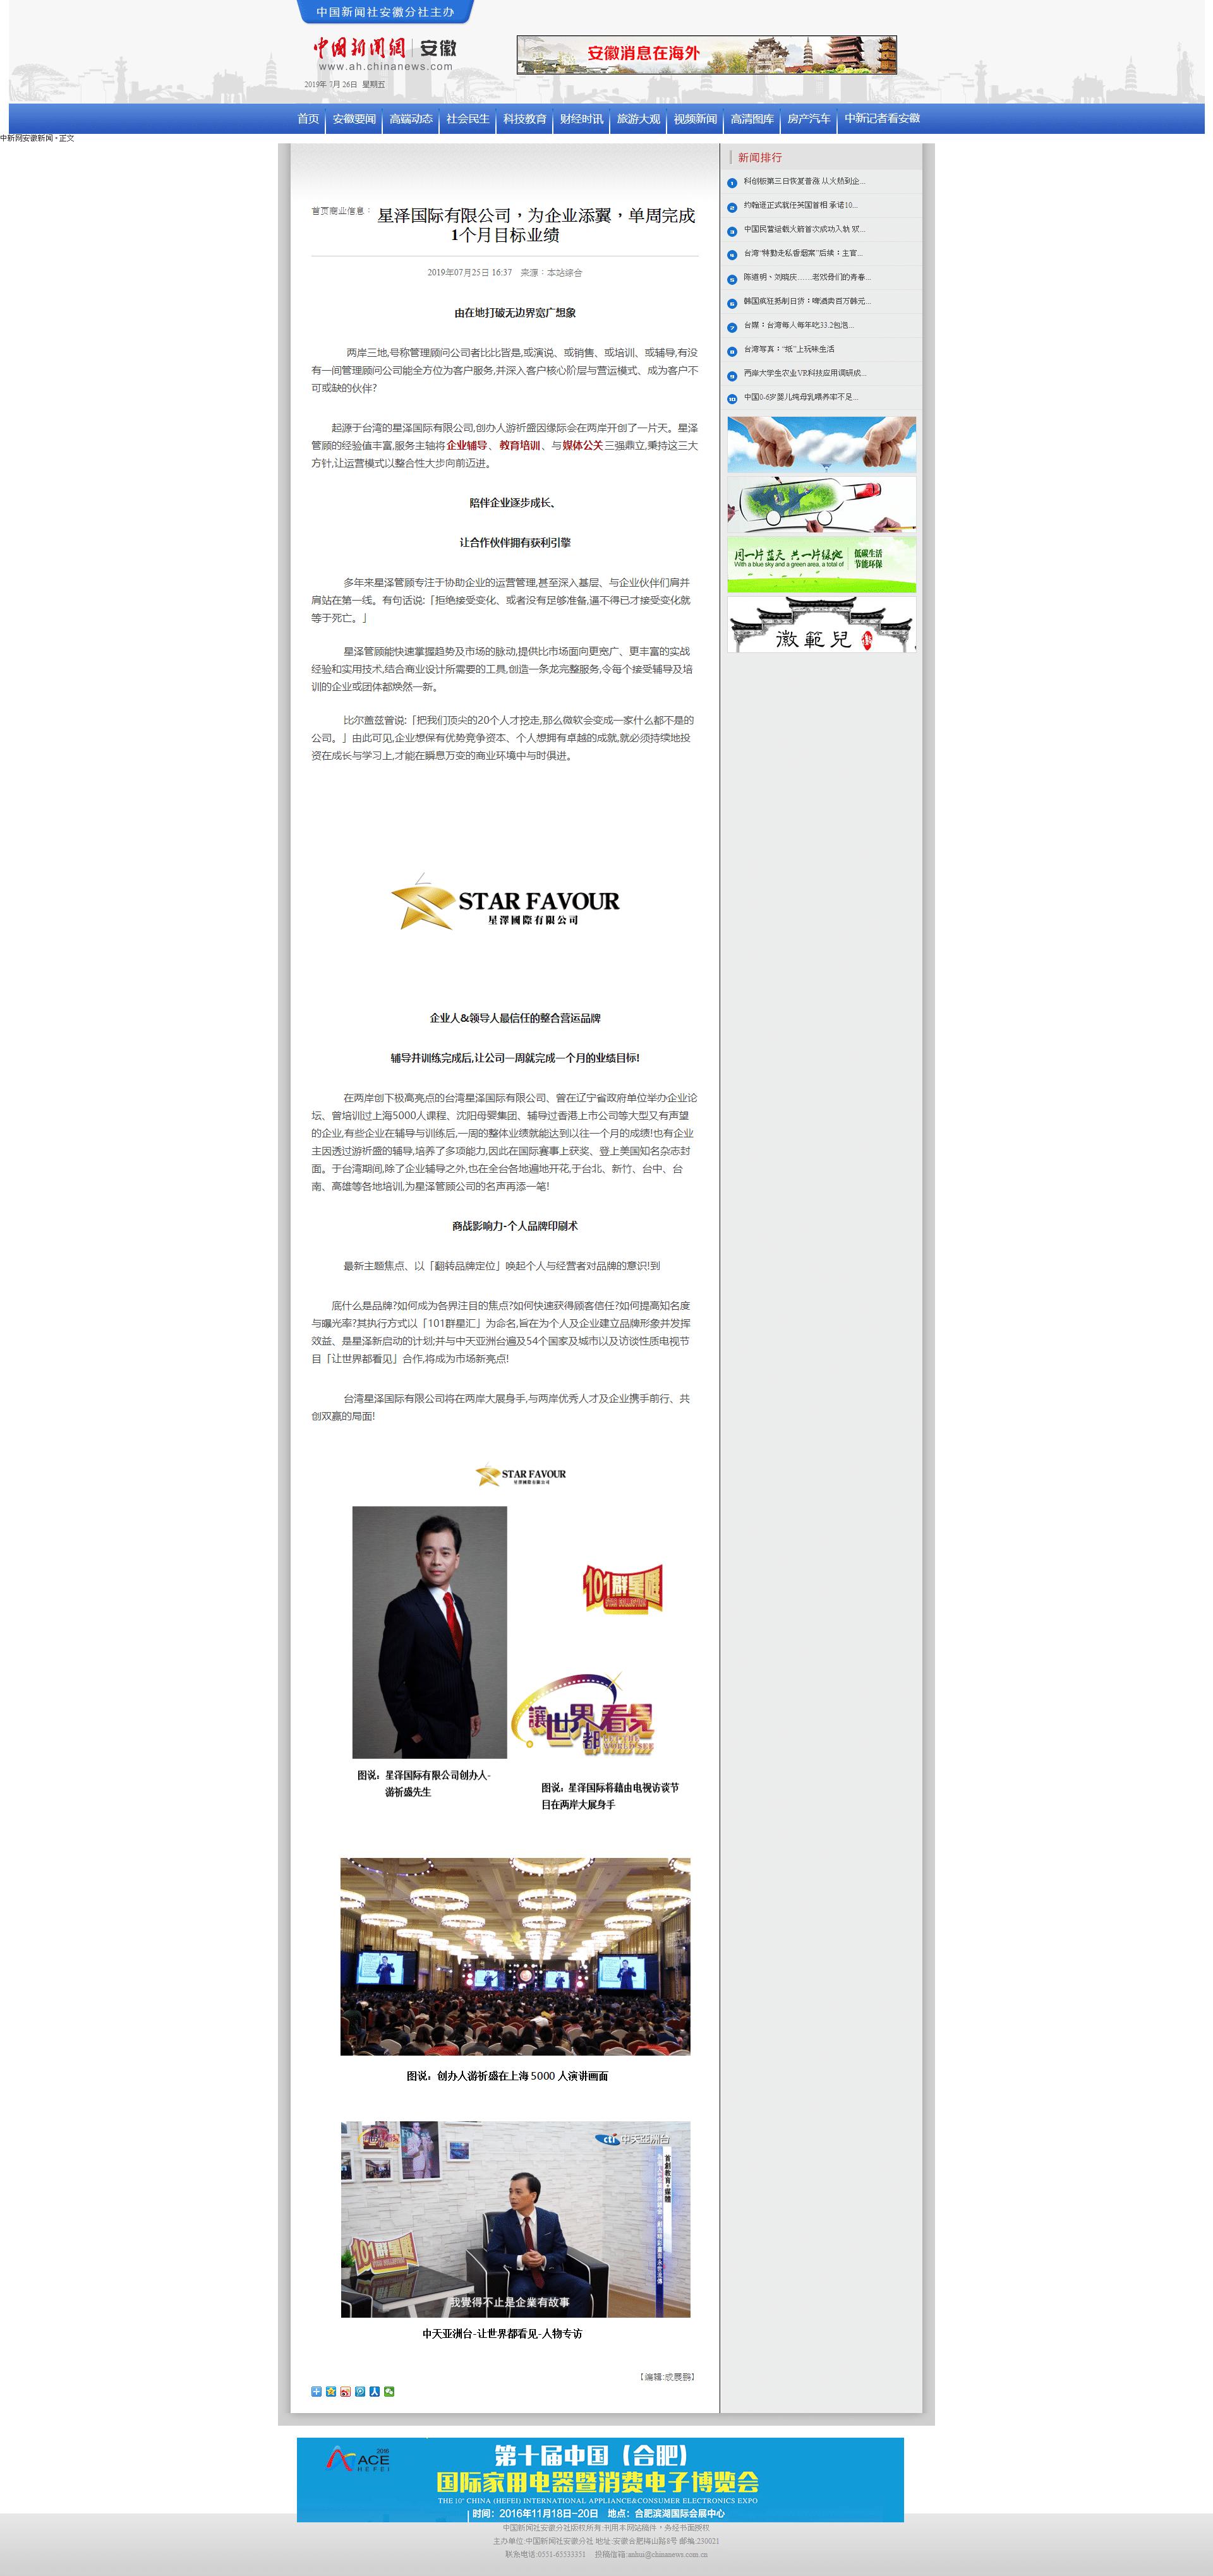 09中新网-安徽新闻 - www.ah.chinanews.com - 星泽国际有限公司,为企业添翼,单周完成1个月目标业绩